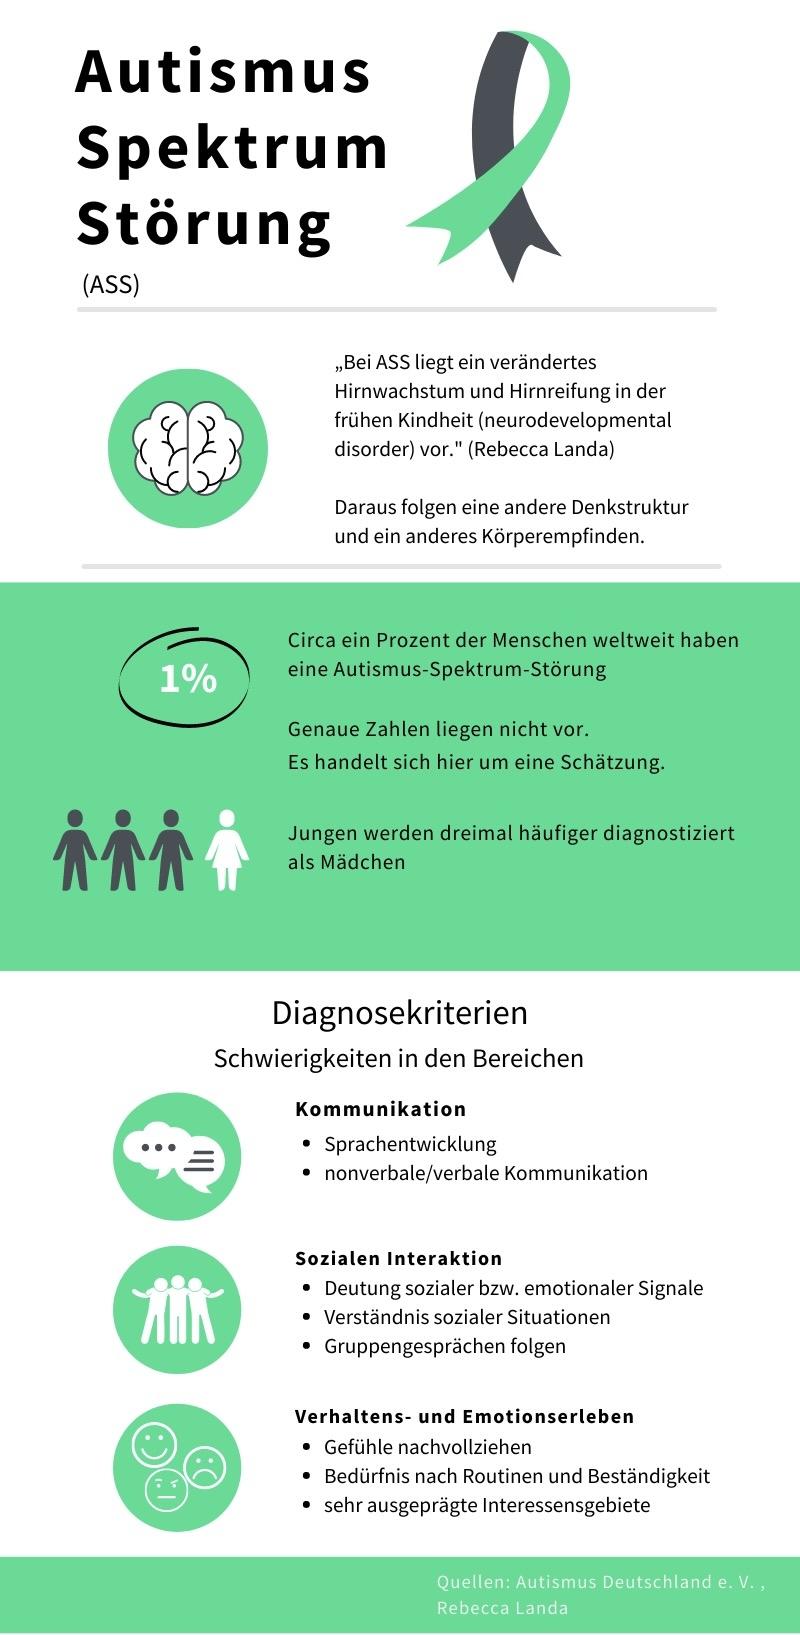 Infografik zur Autismus-Spektrum-Störung